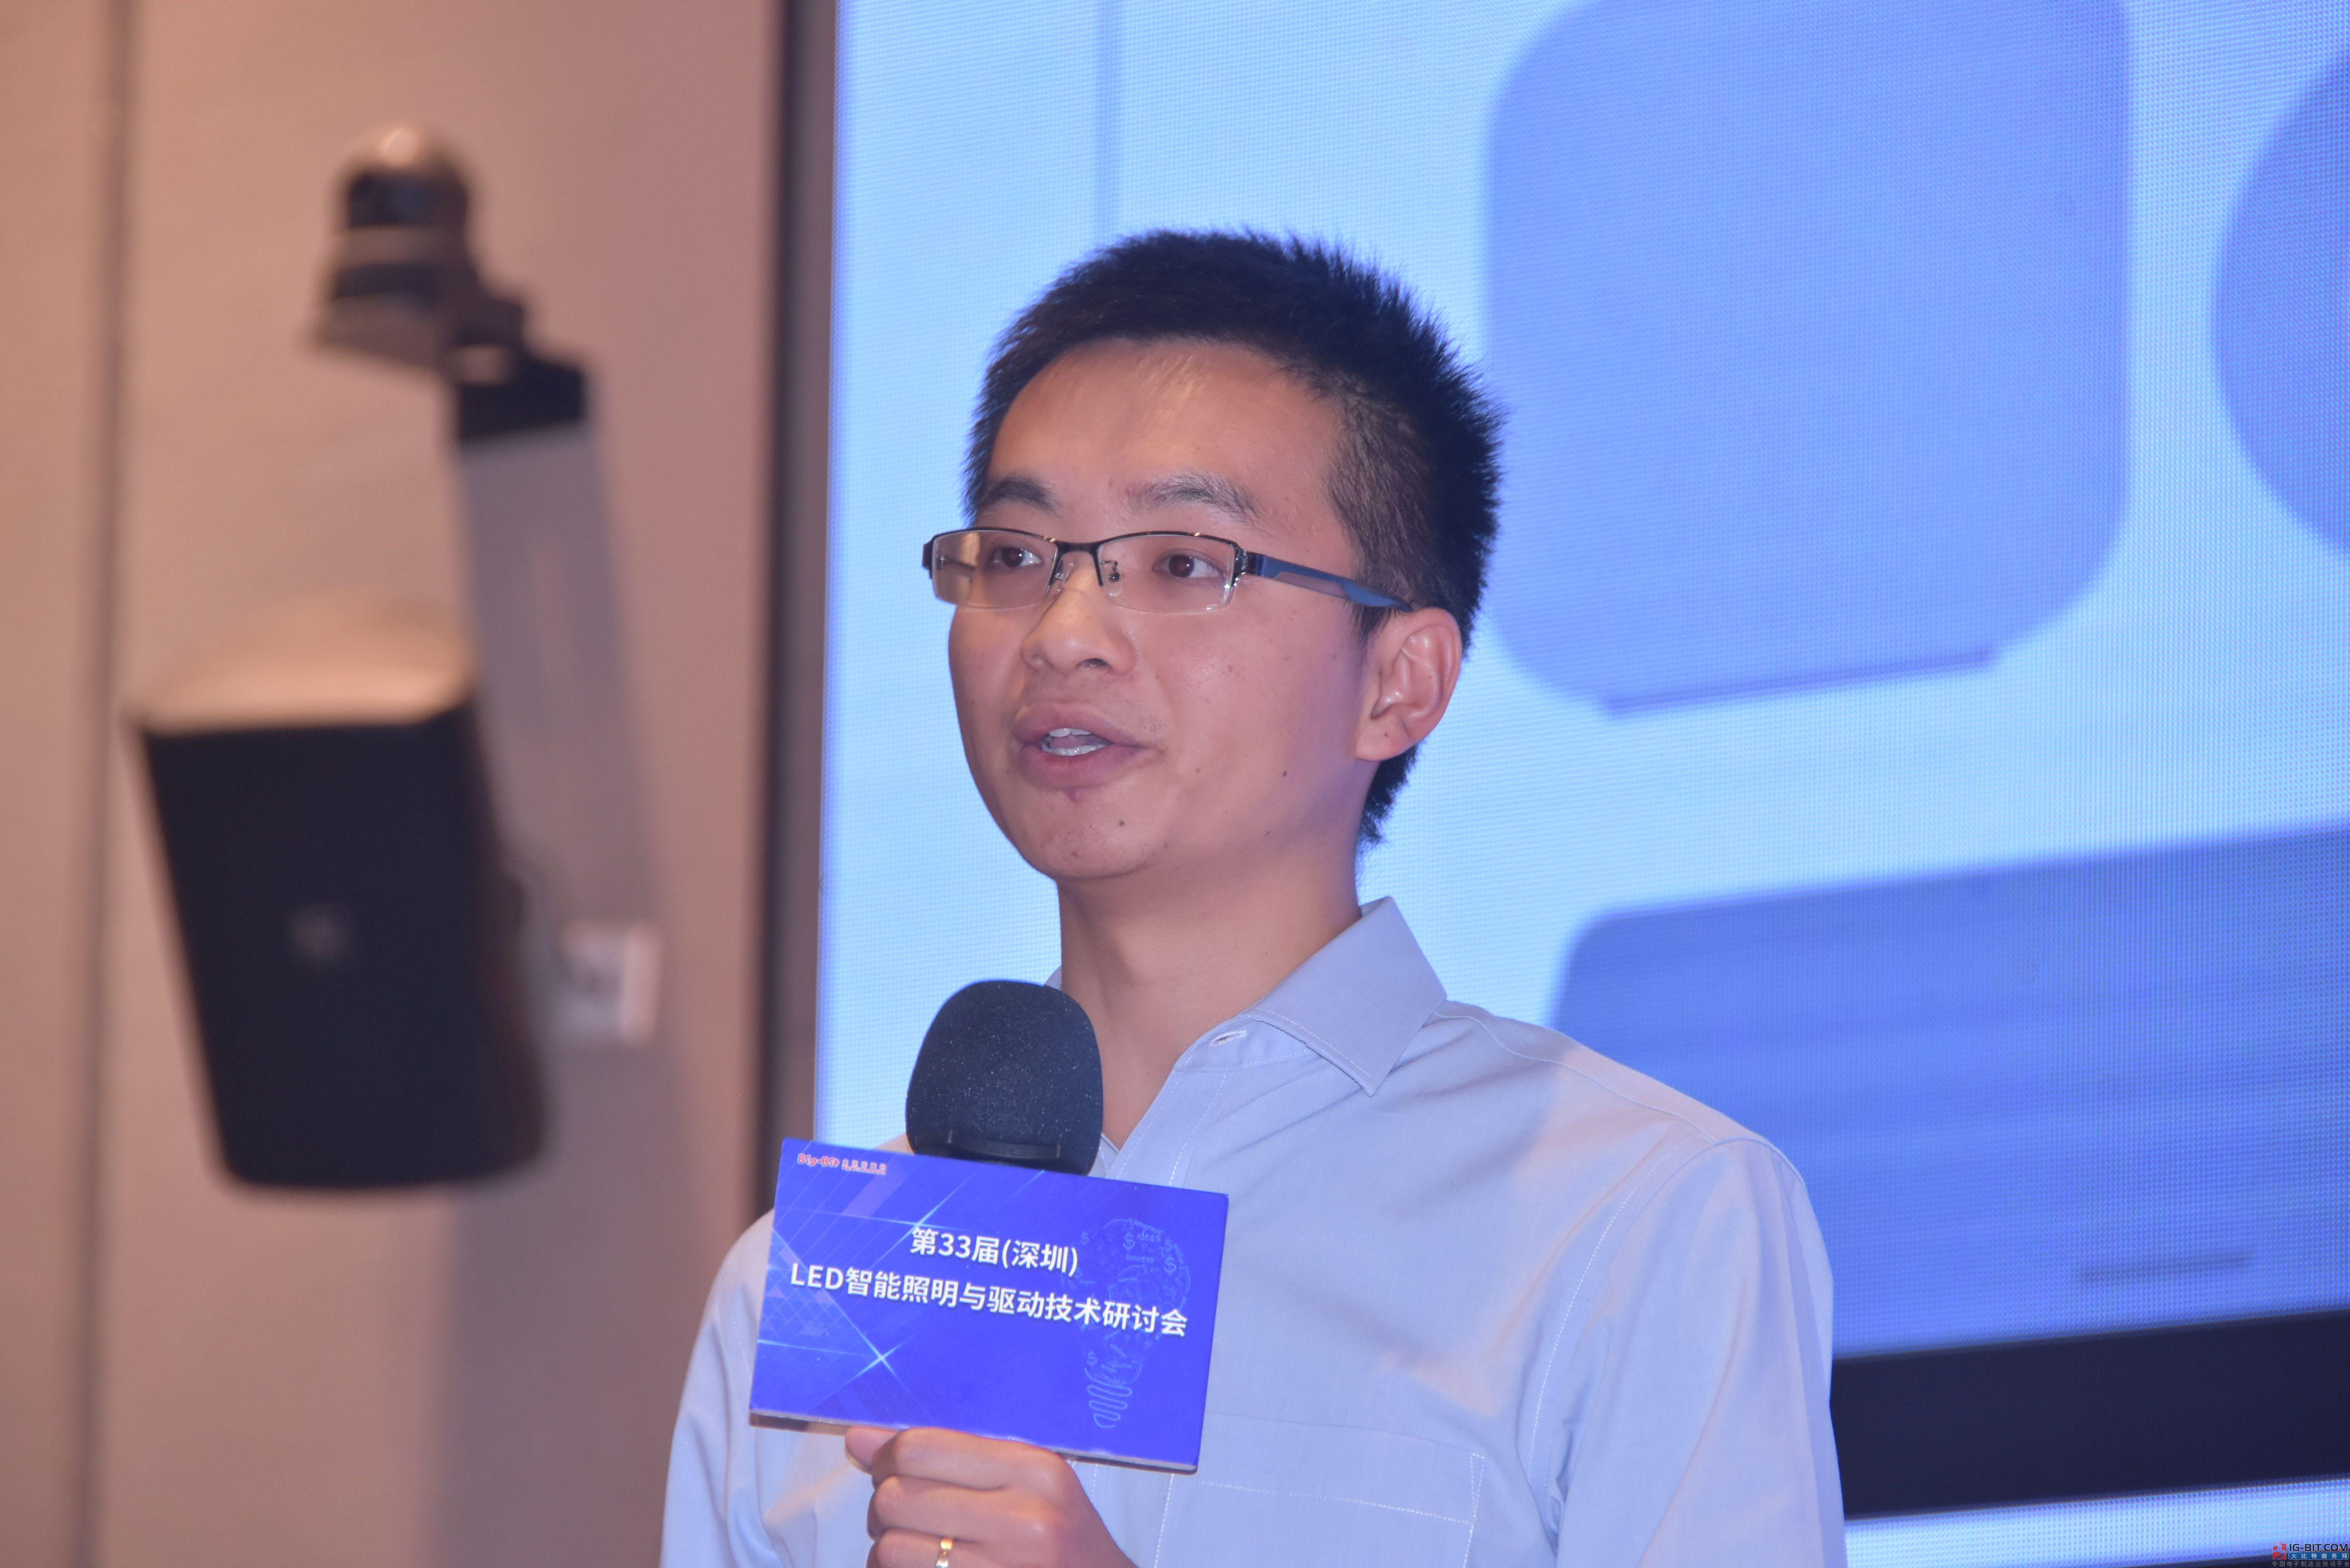 德州儀器市場工程師杜一江